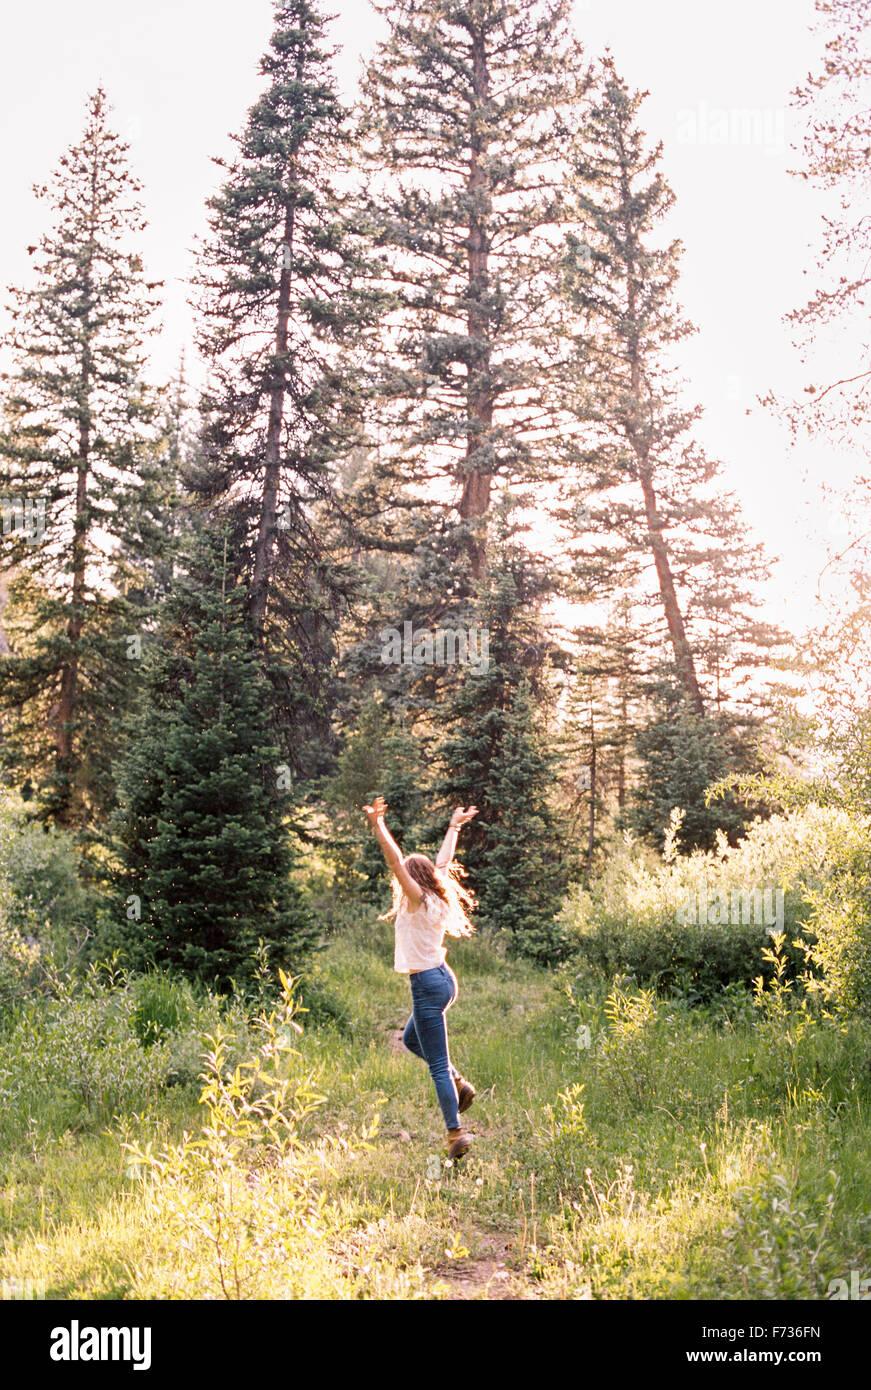 Mujer saltando con alegría en un bosque iluminado. Imagen De Stock